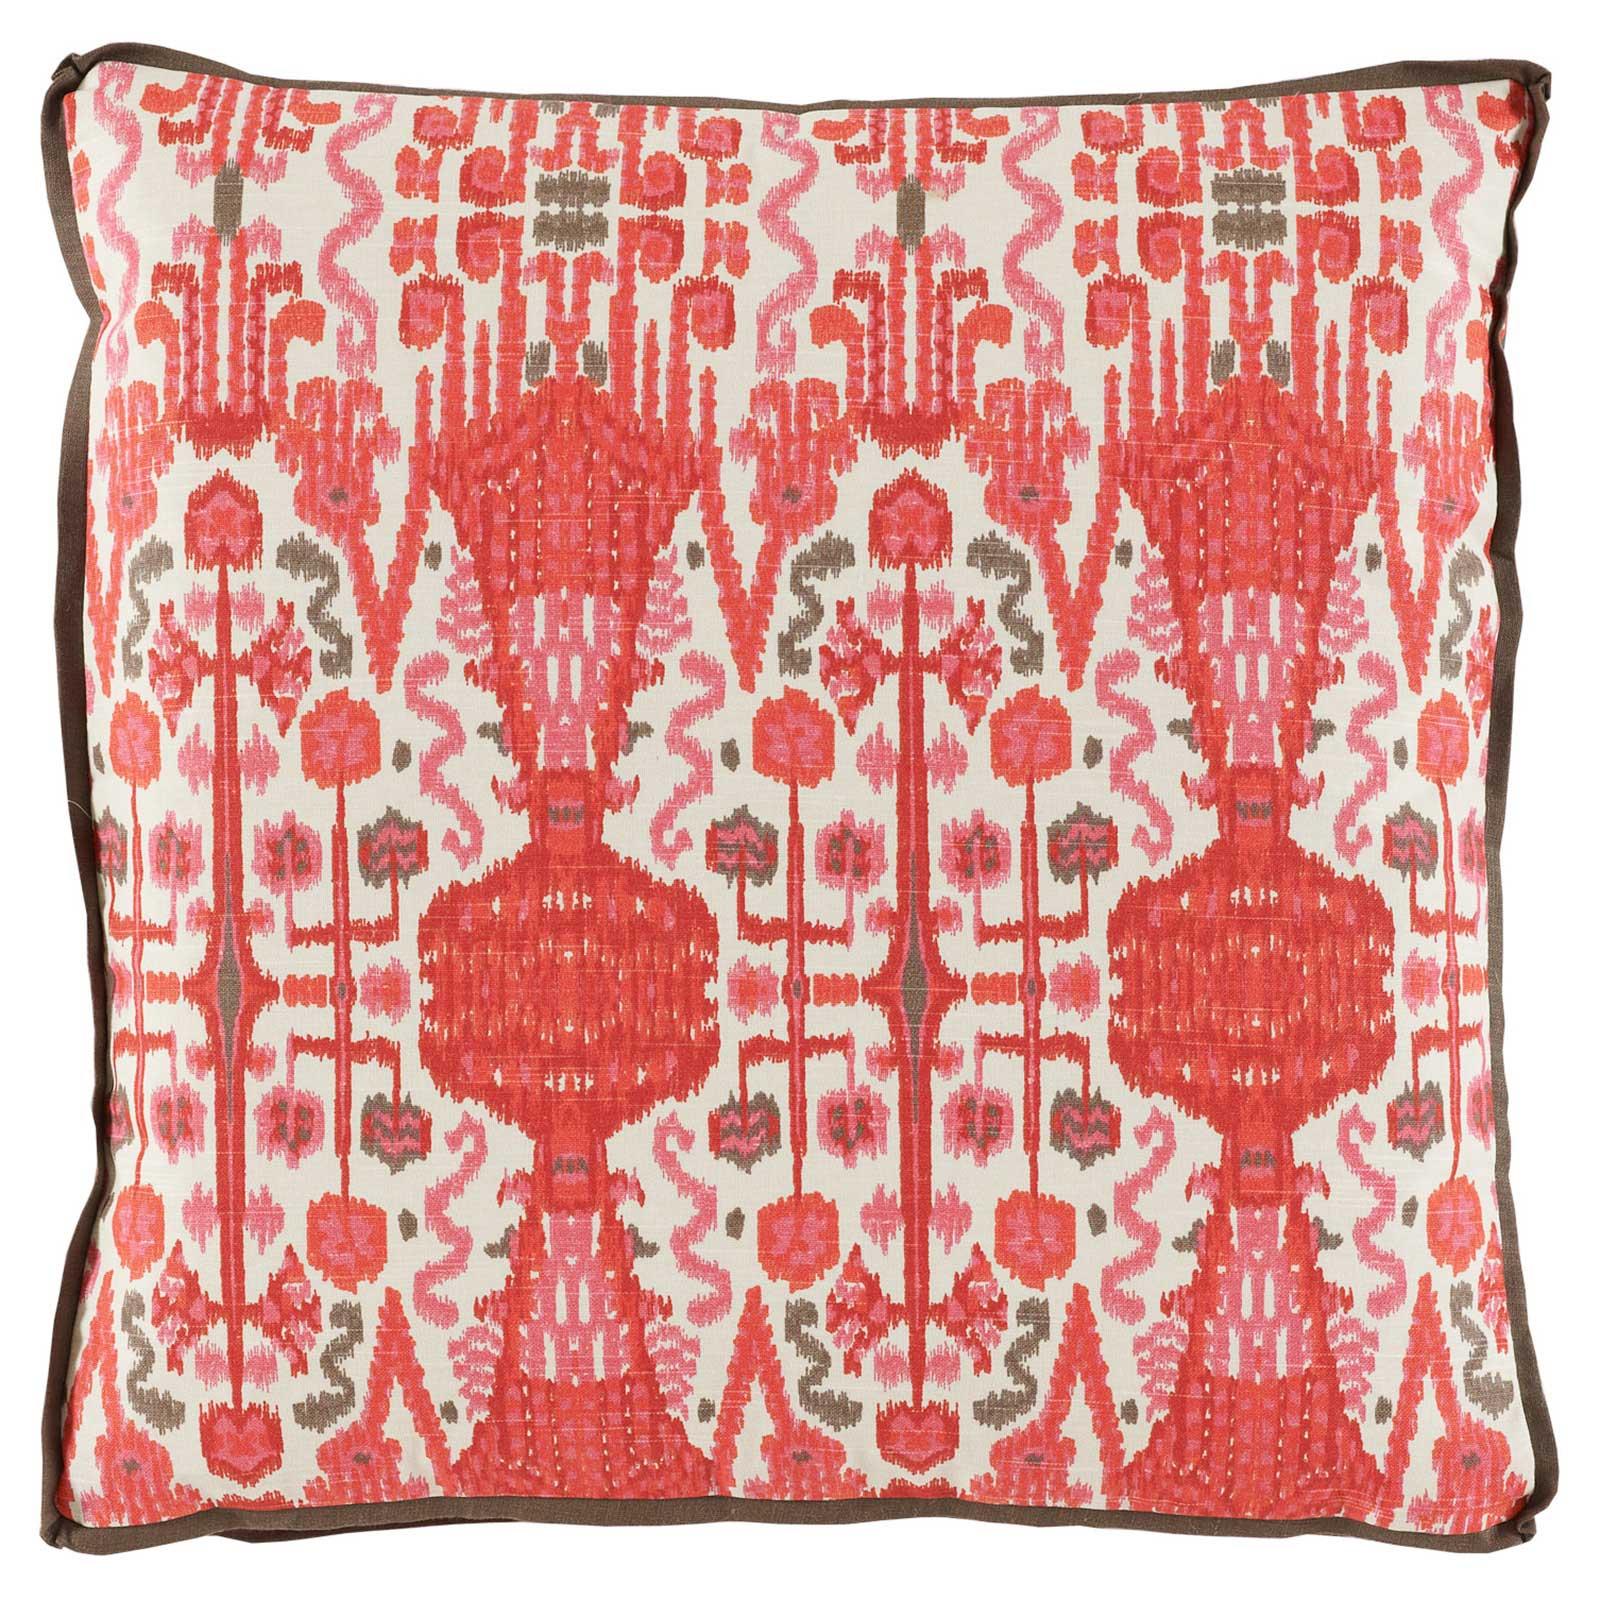 Kolkata Global Bazaar Coral Red Ikat Pillow - 24x24